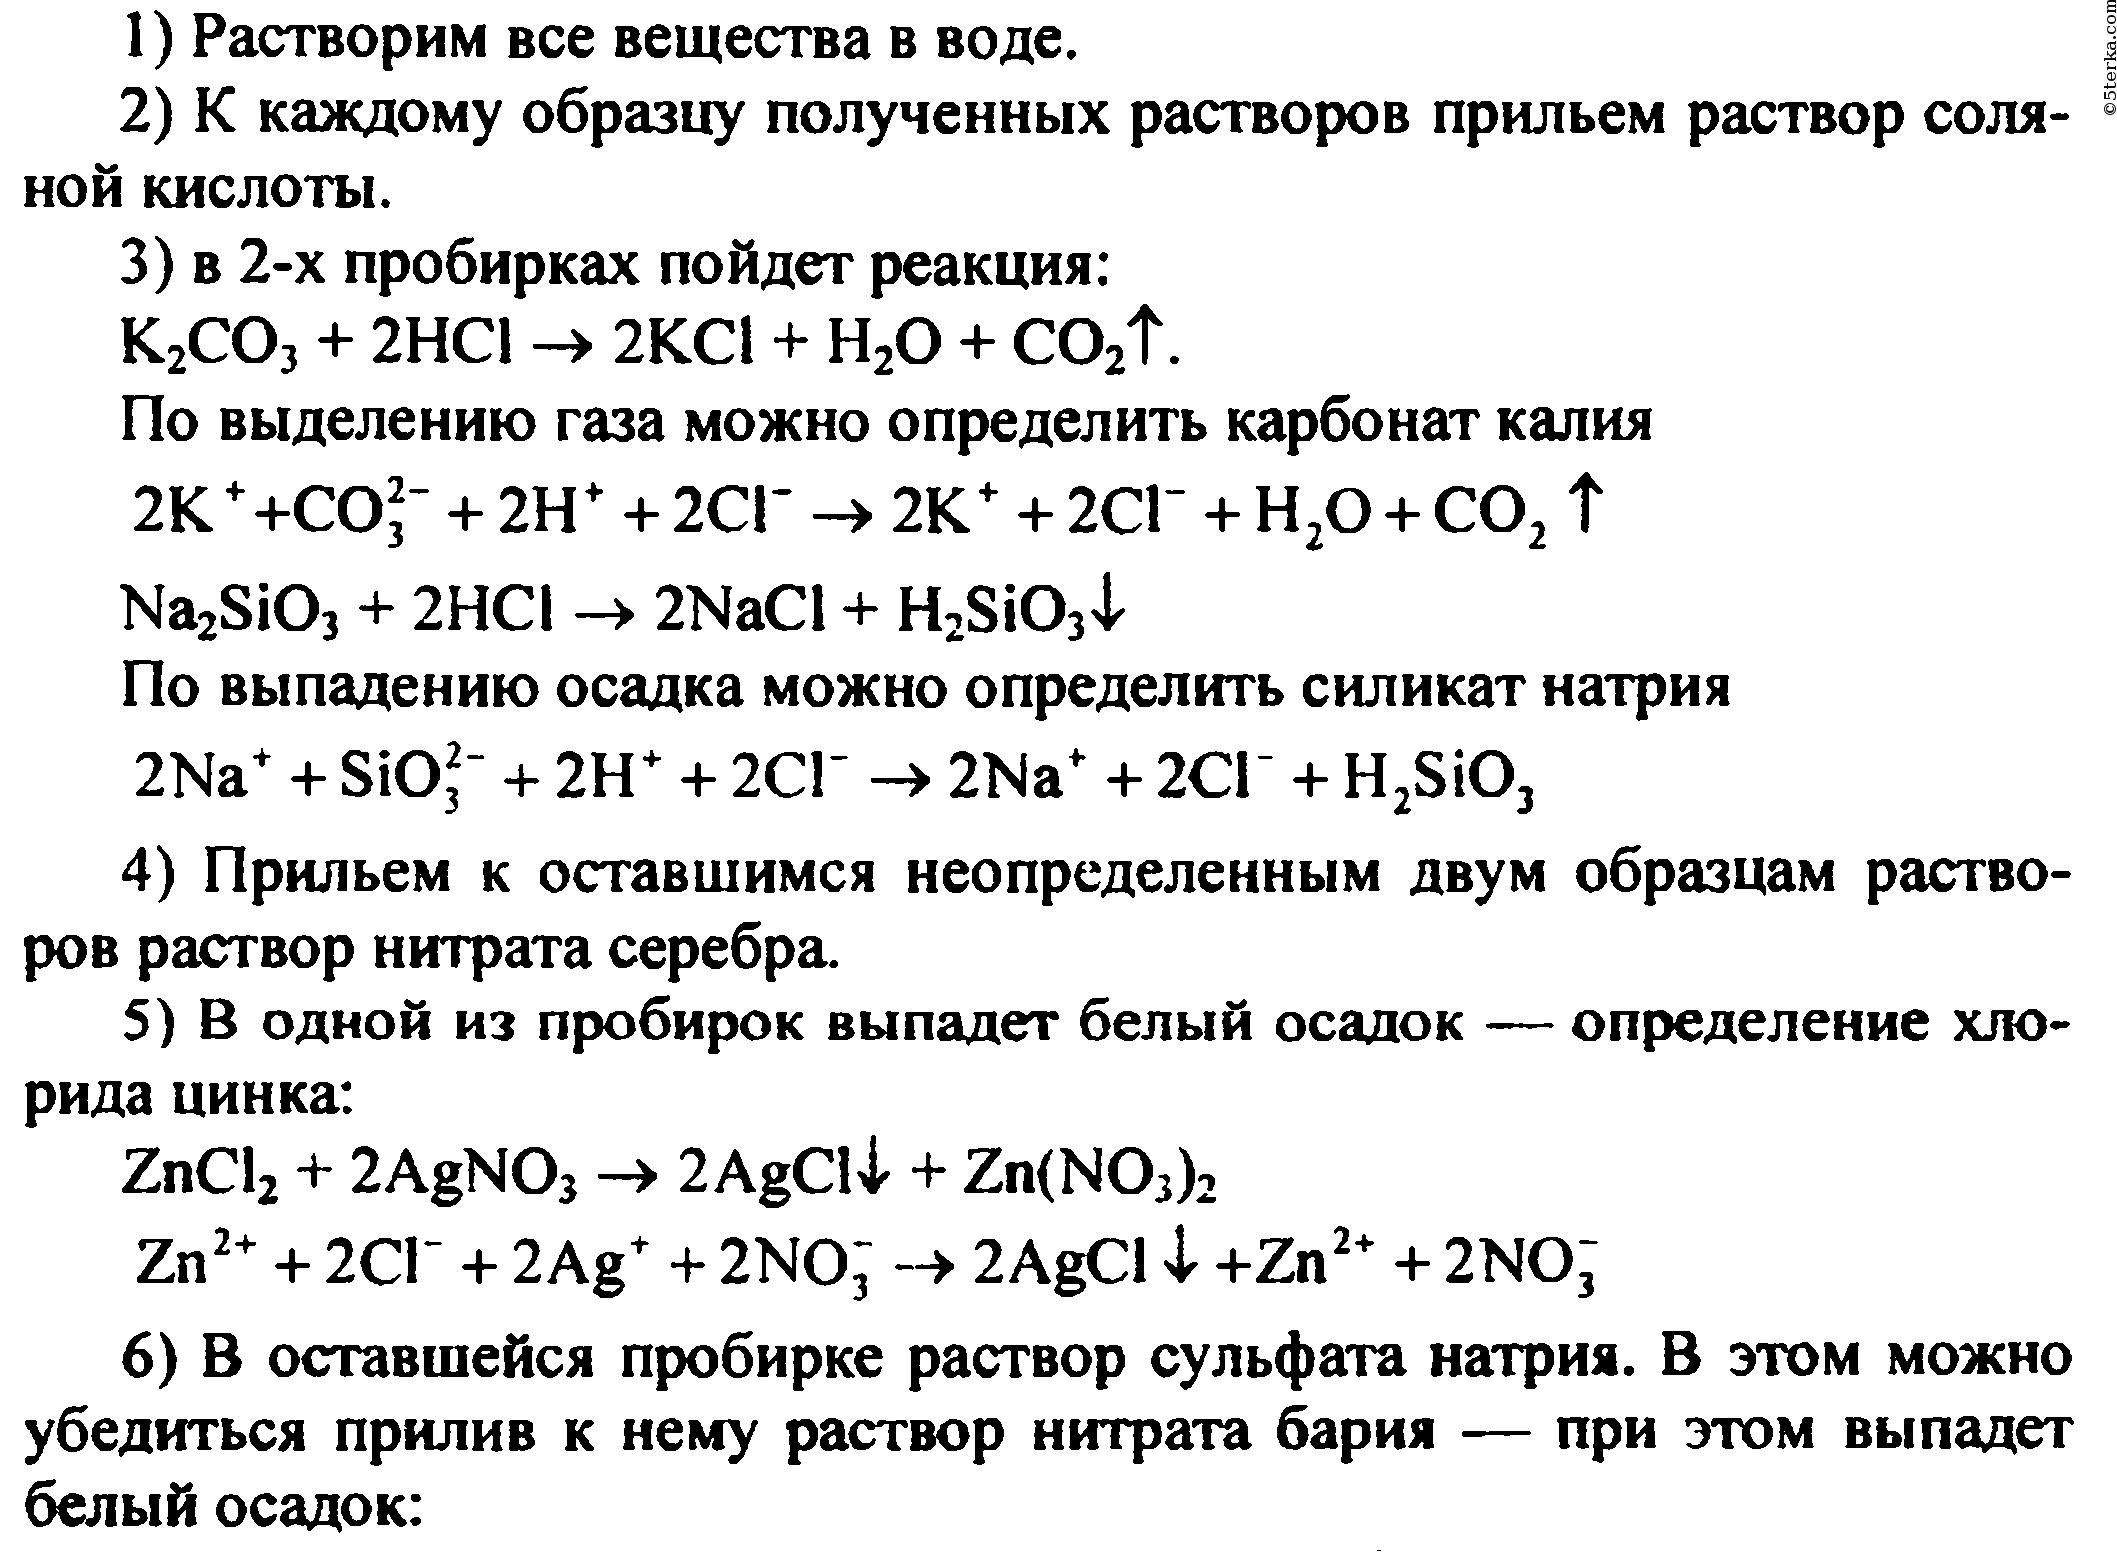 Экспериментальные задачи по теме подгруппы азота и углерода